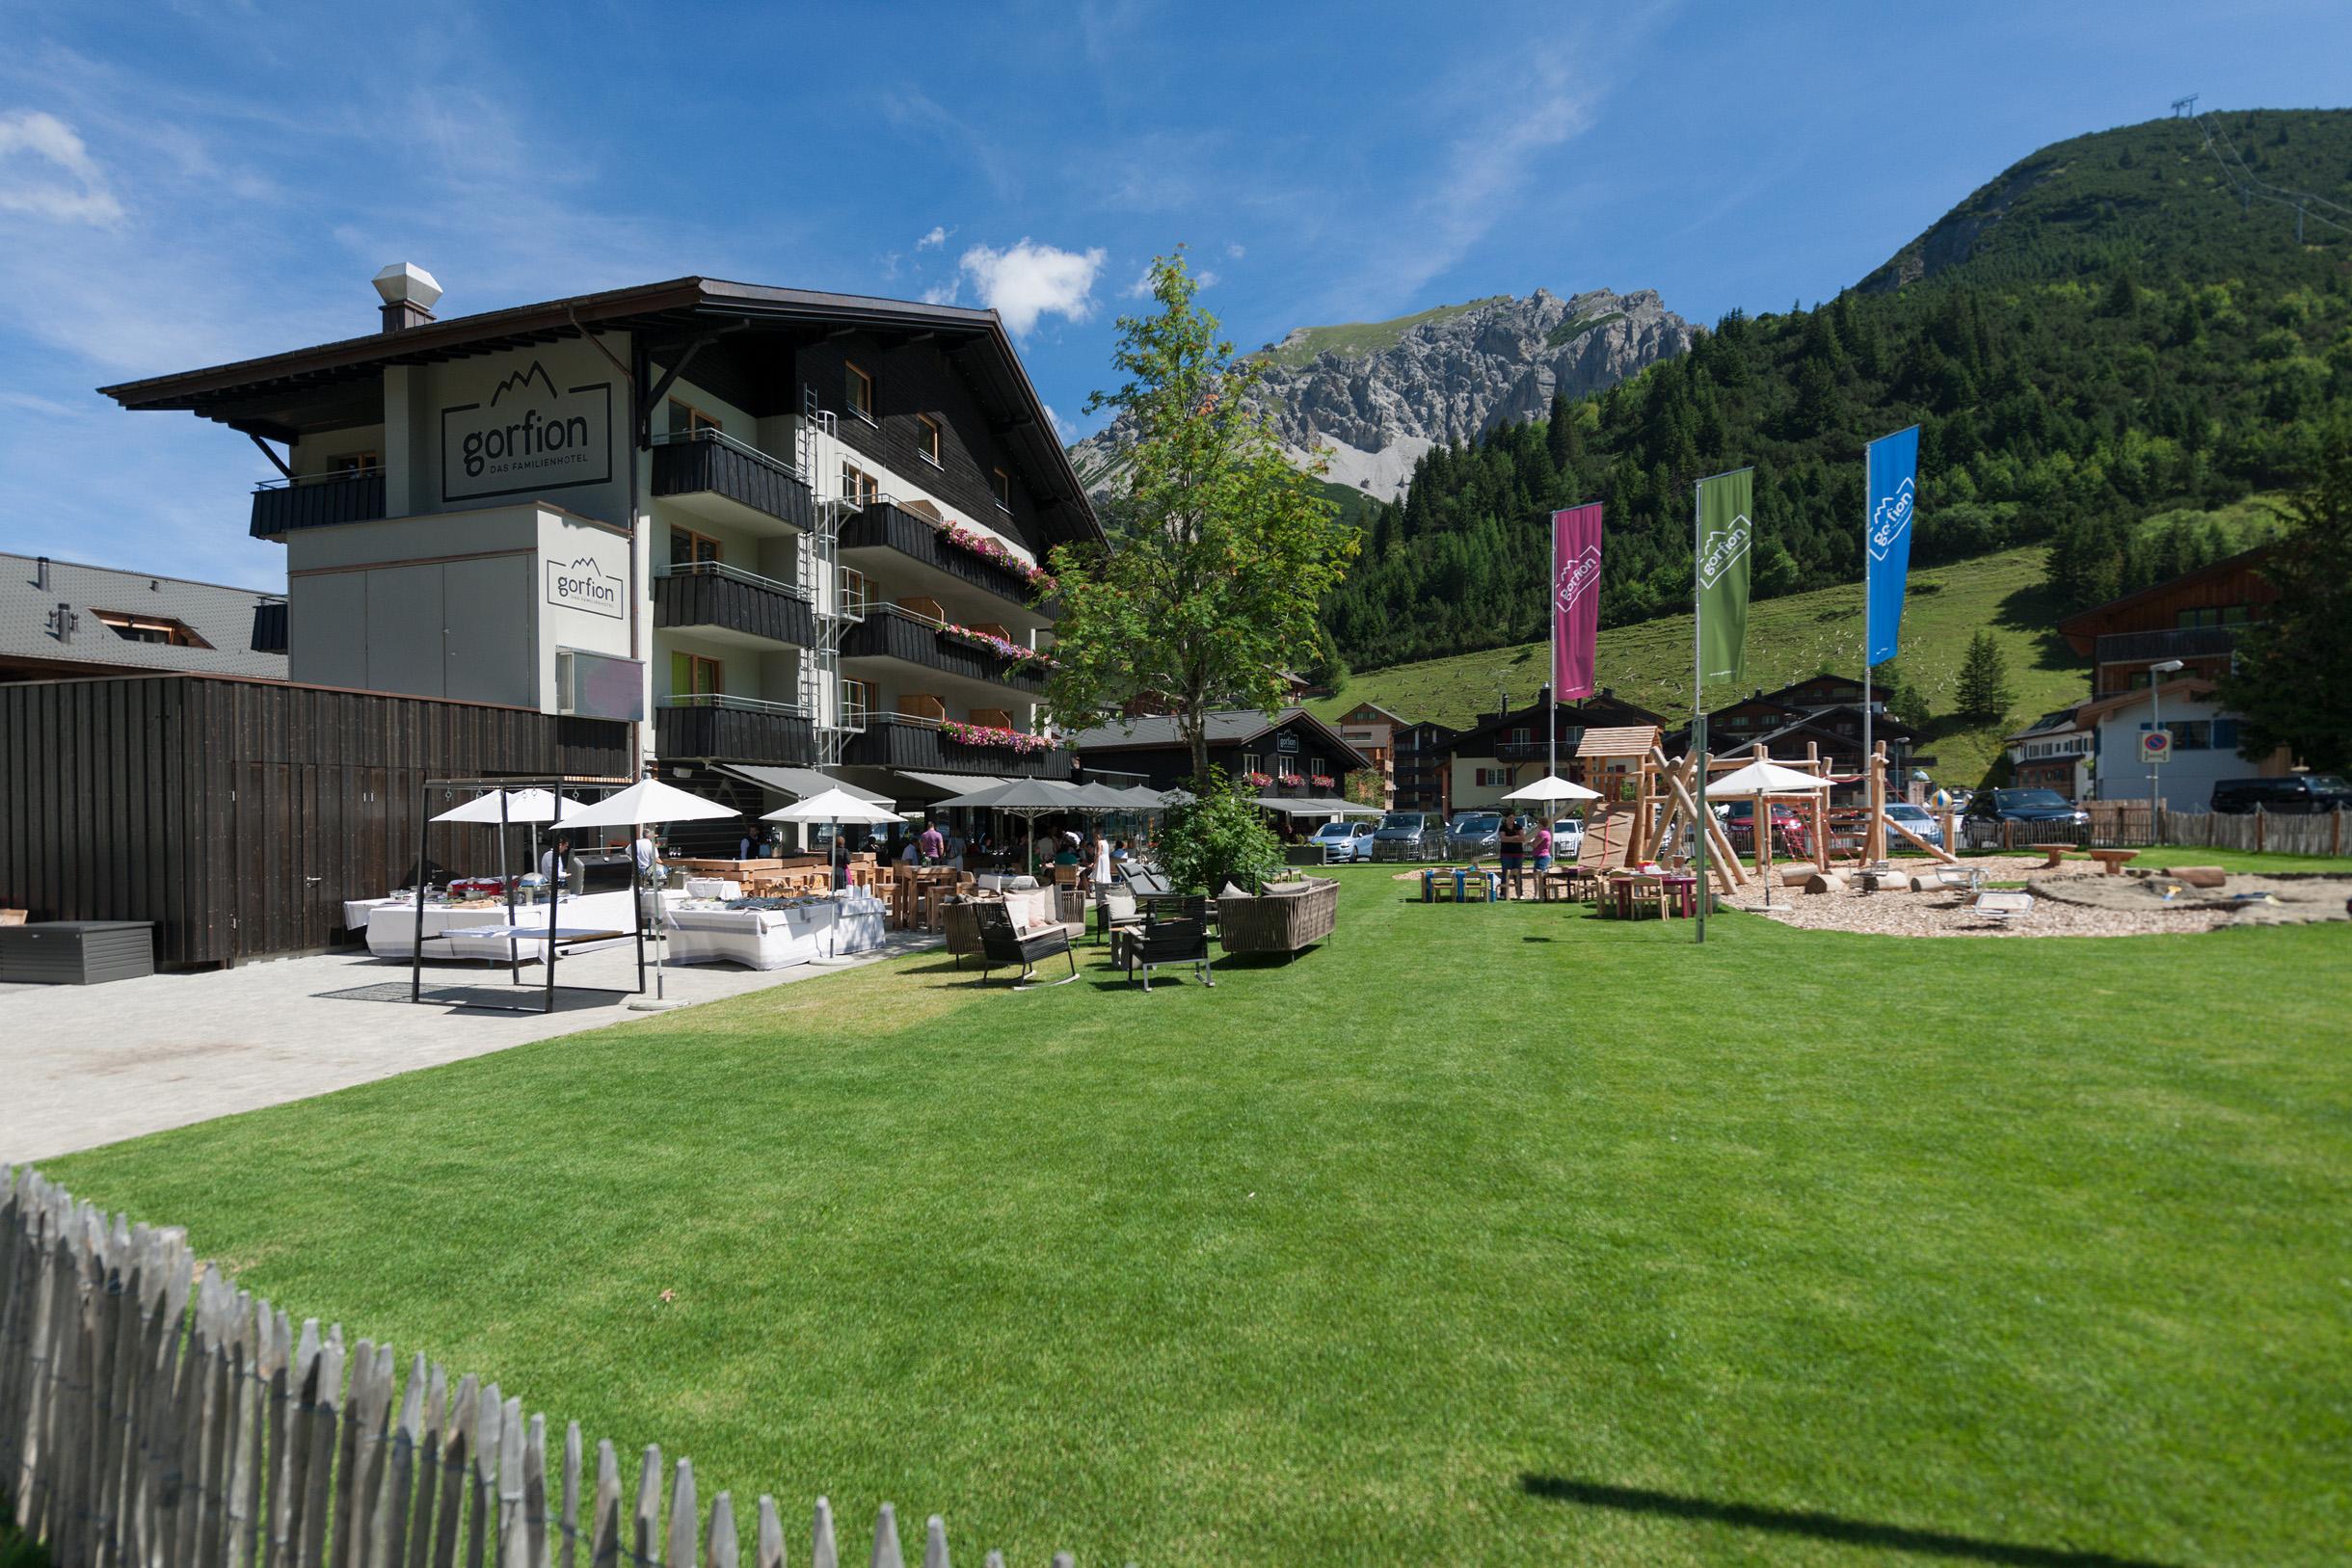 Gorfion Familotel Liechtenstein